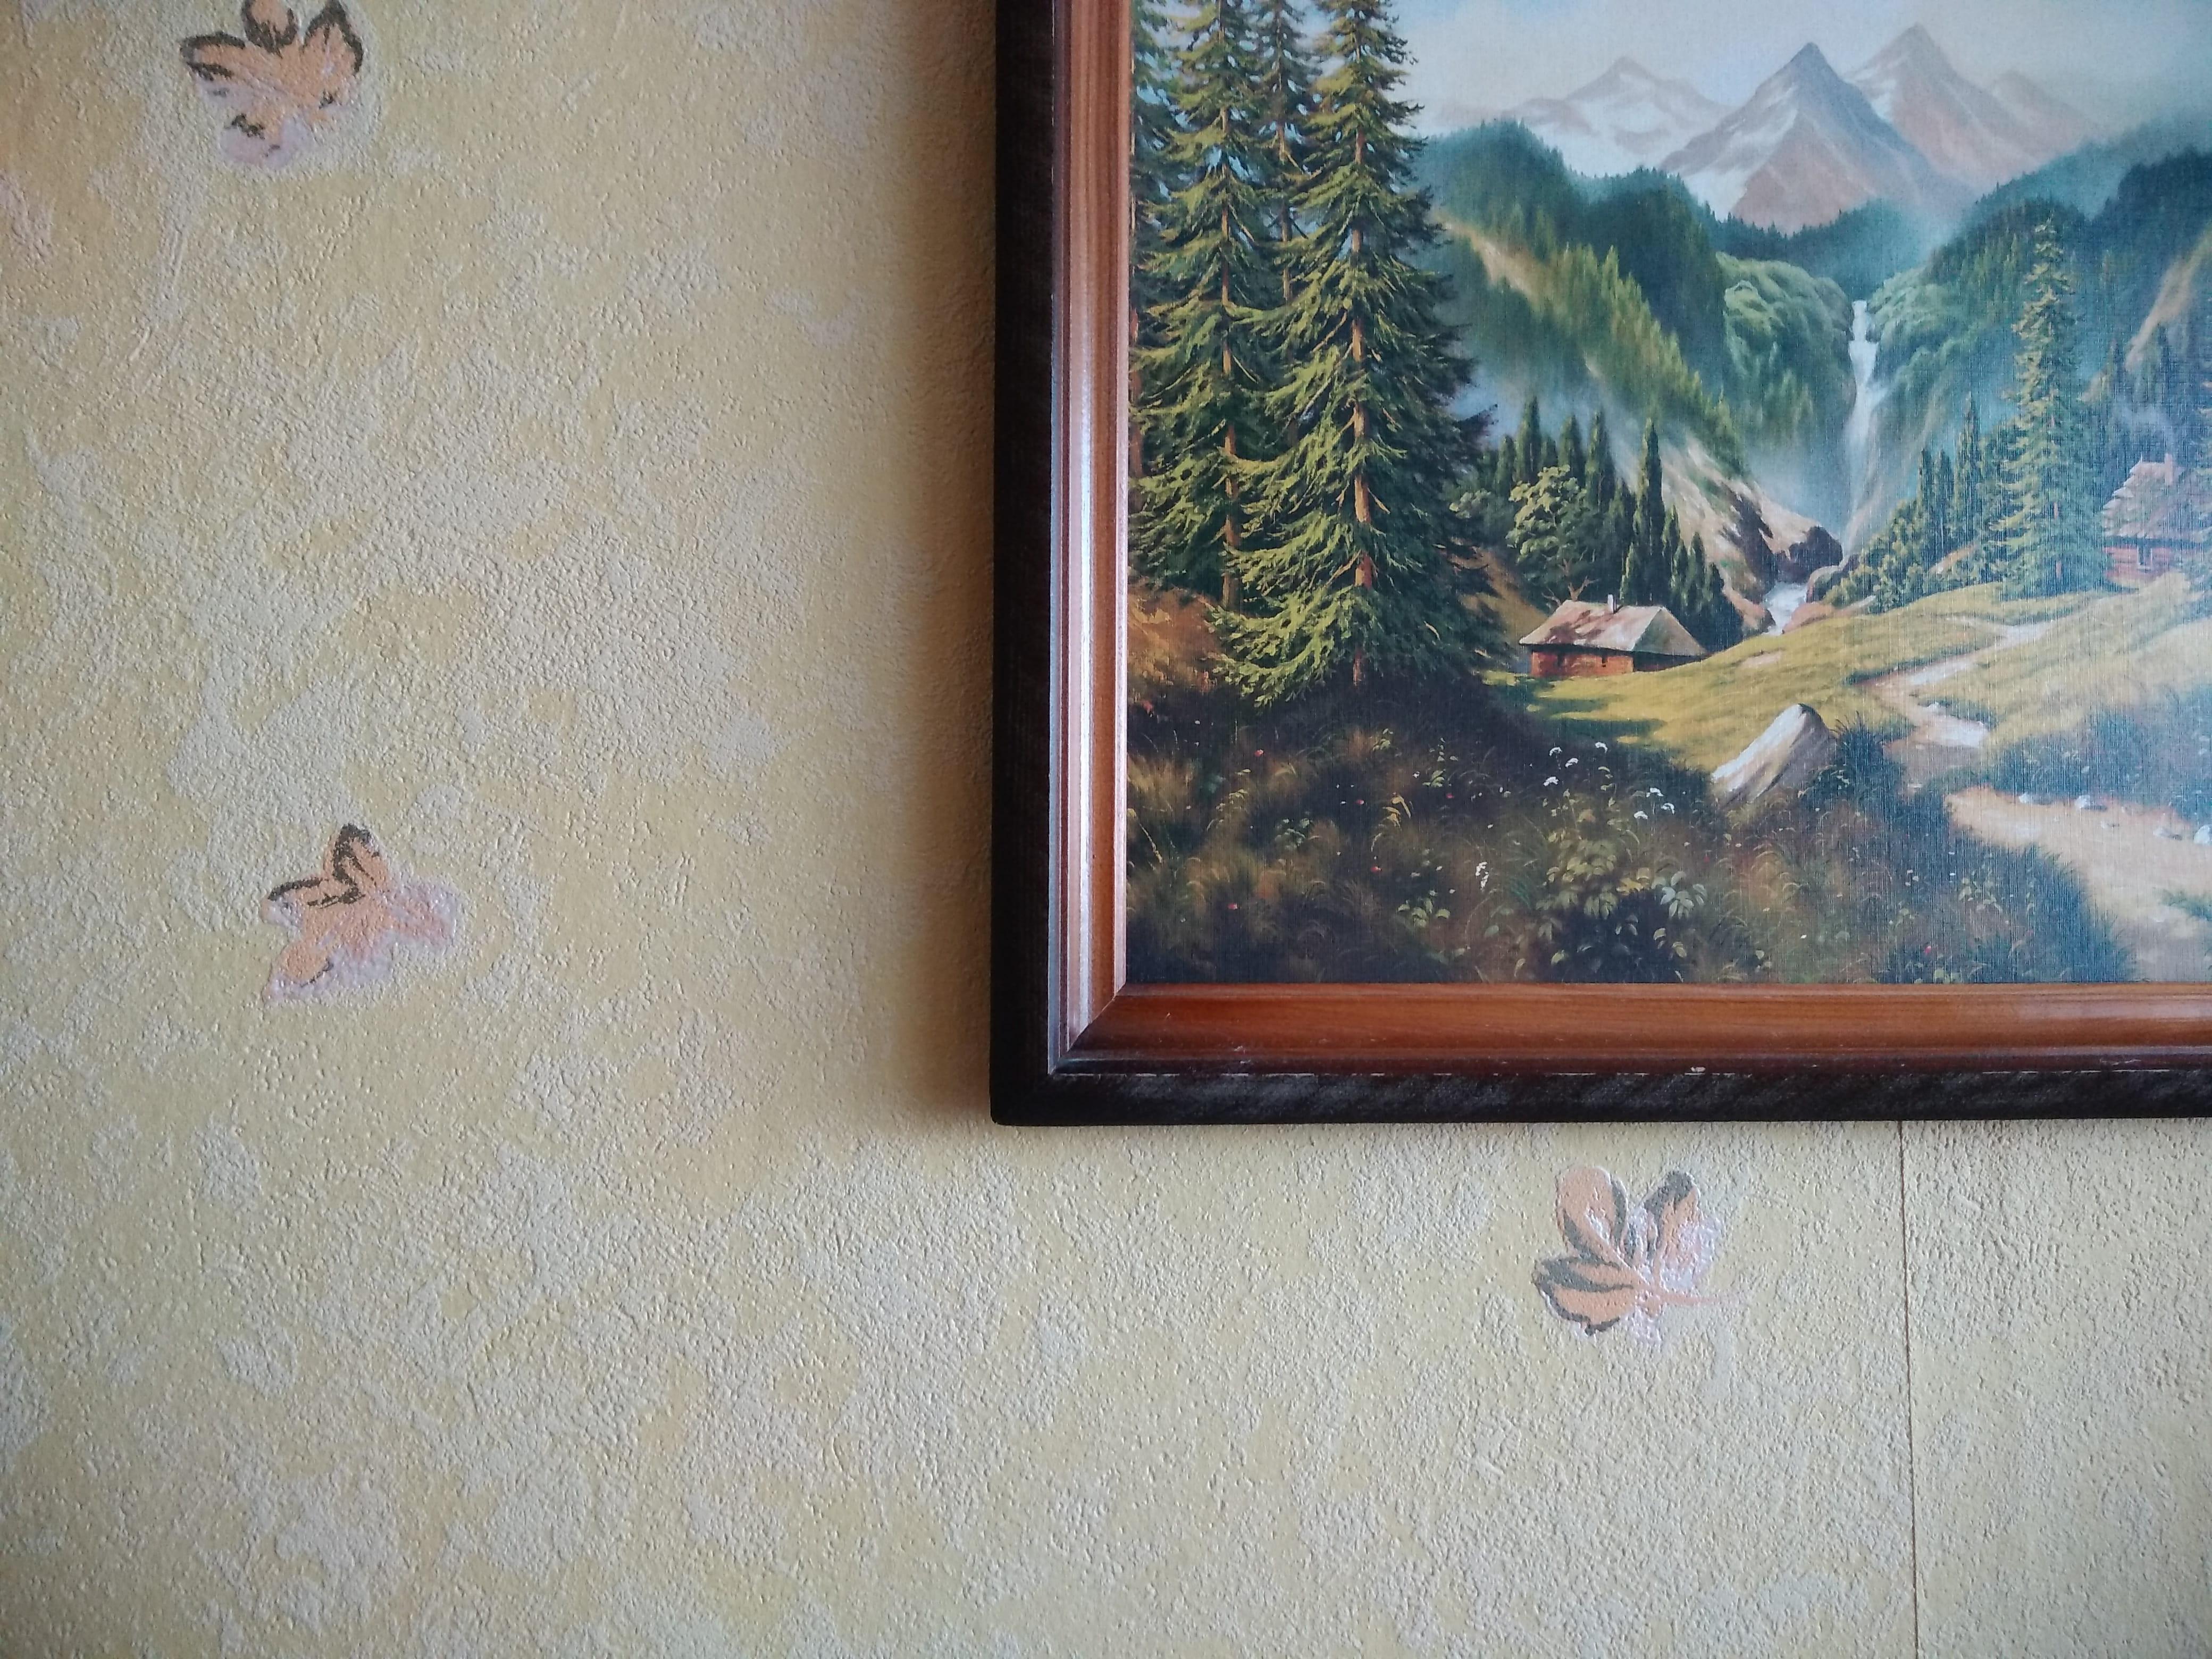 Zdjęcia w pomieszczeniu - Wiko VIEW